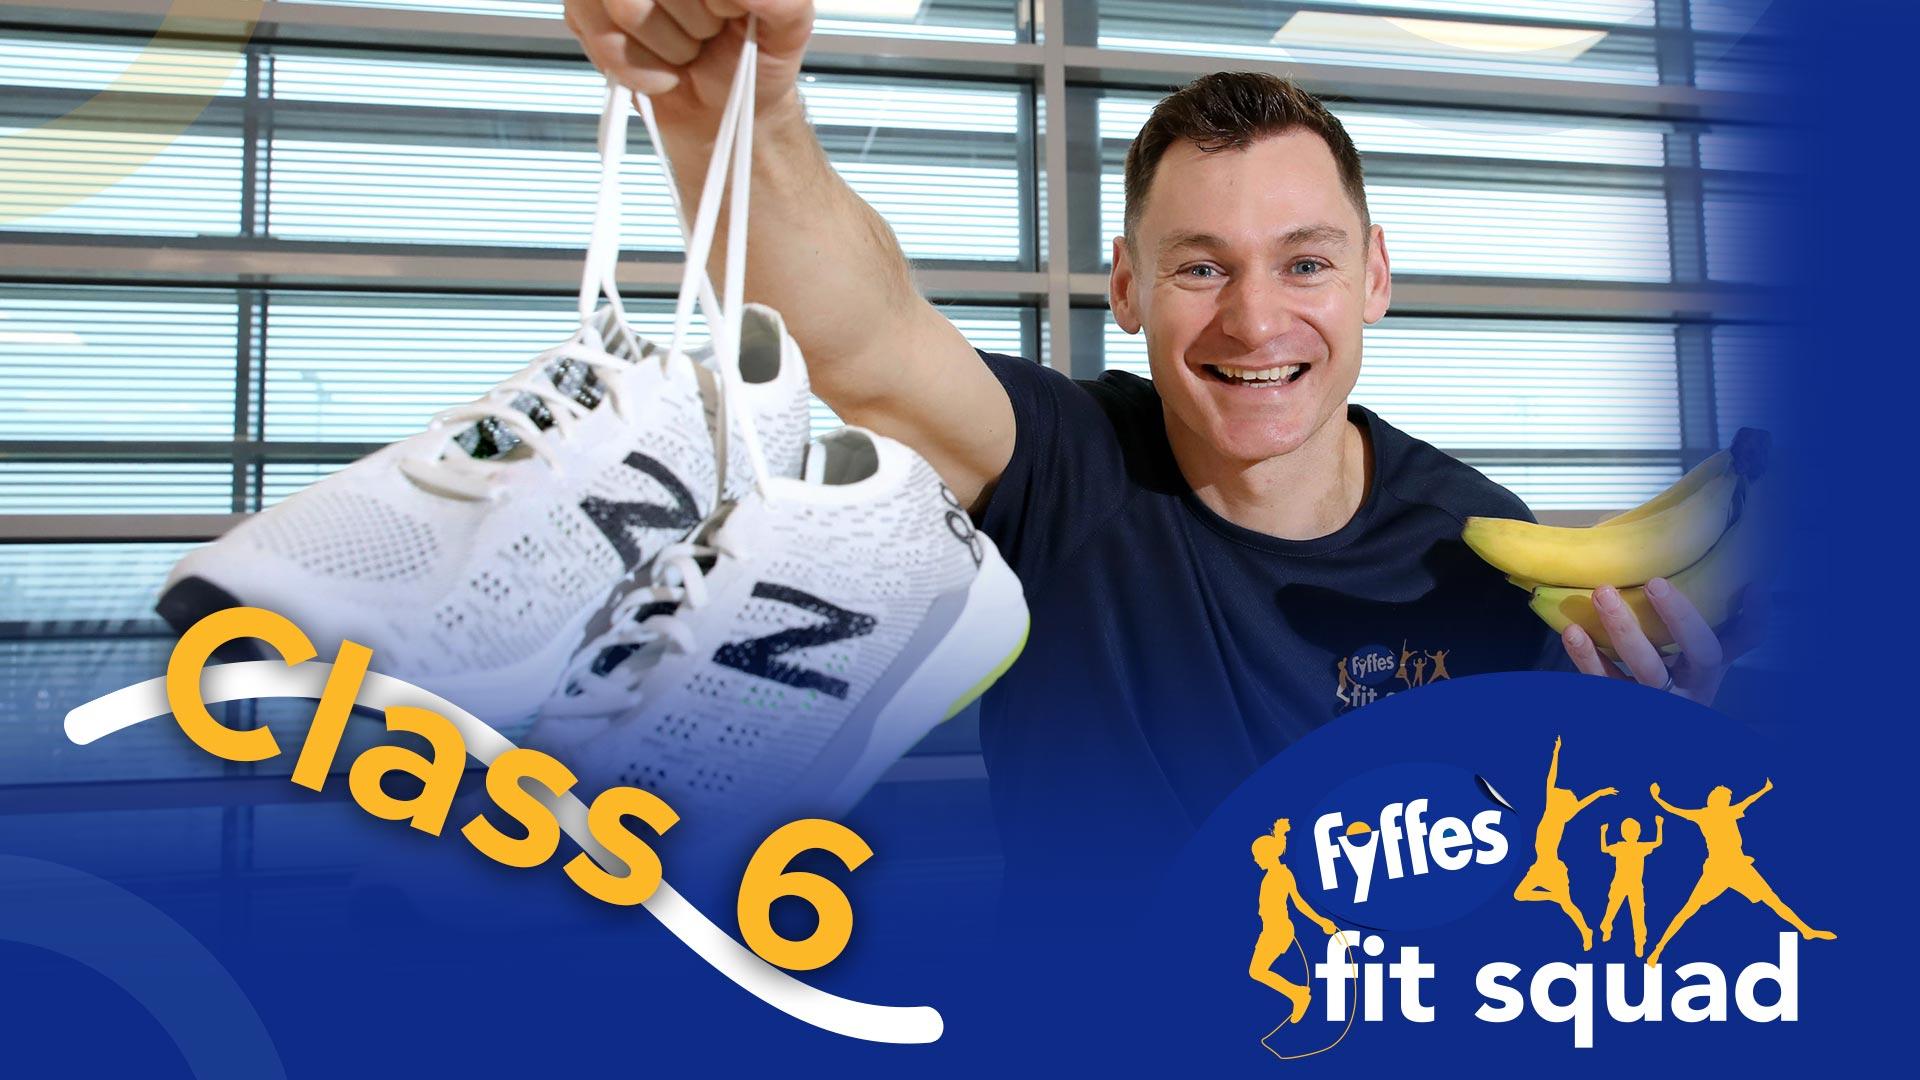 Fyffes Fit Squad Class 6